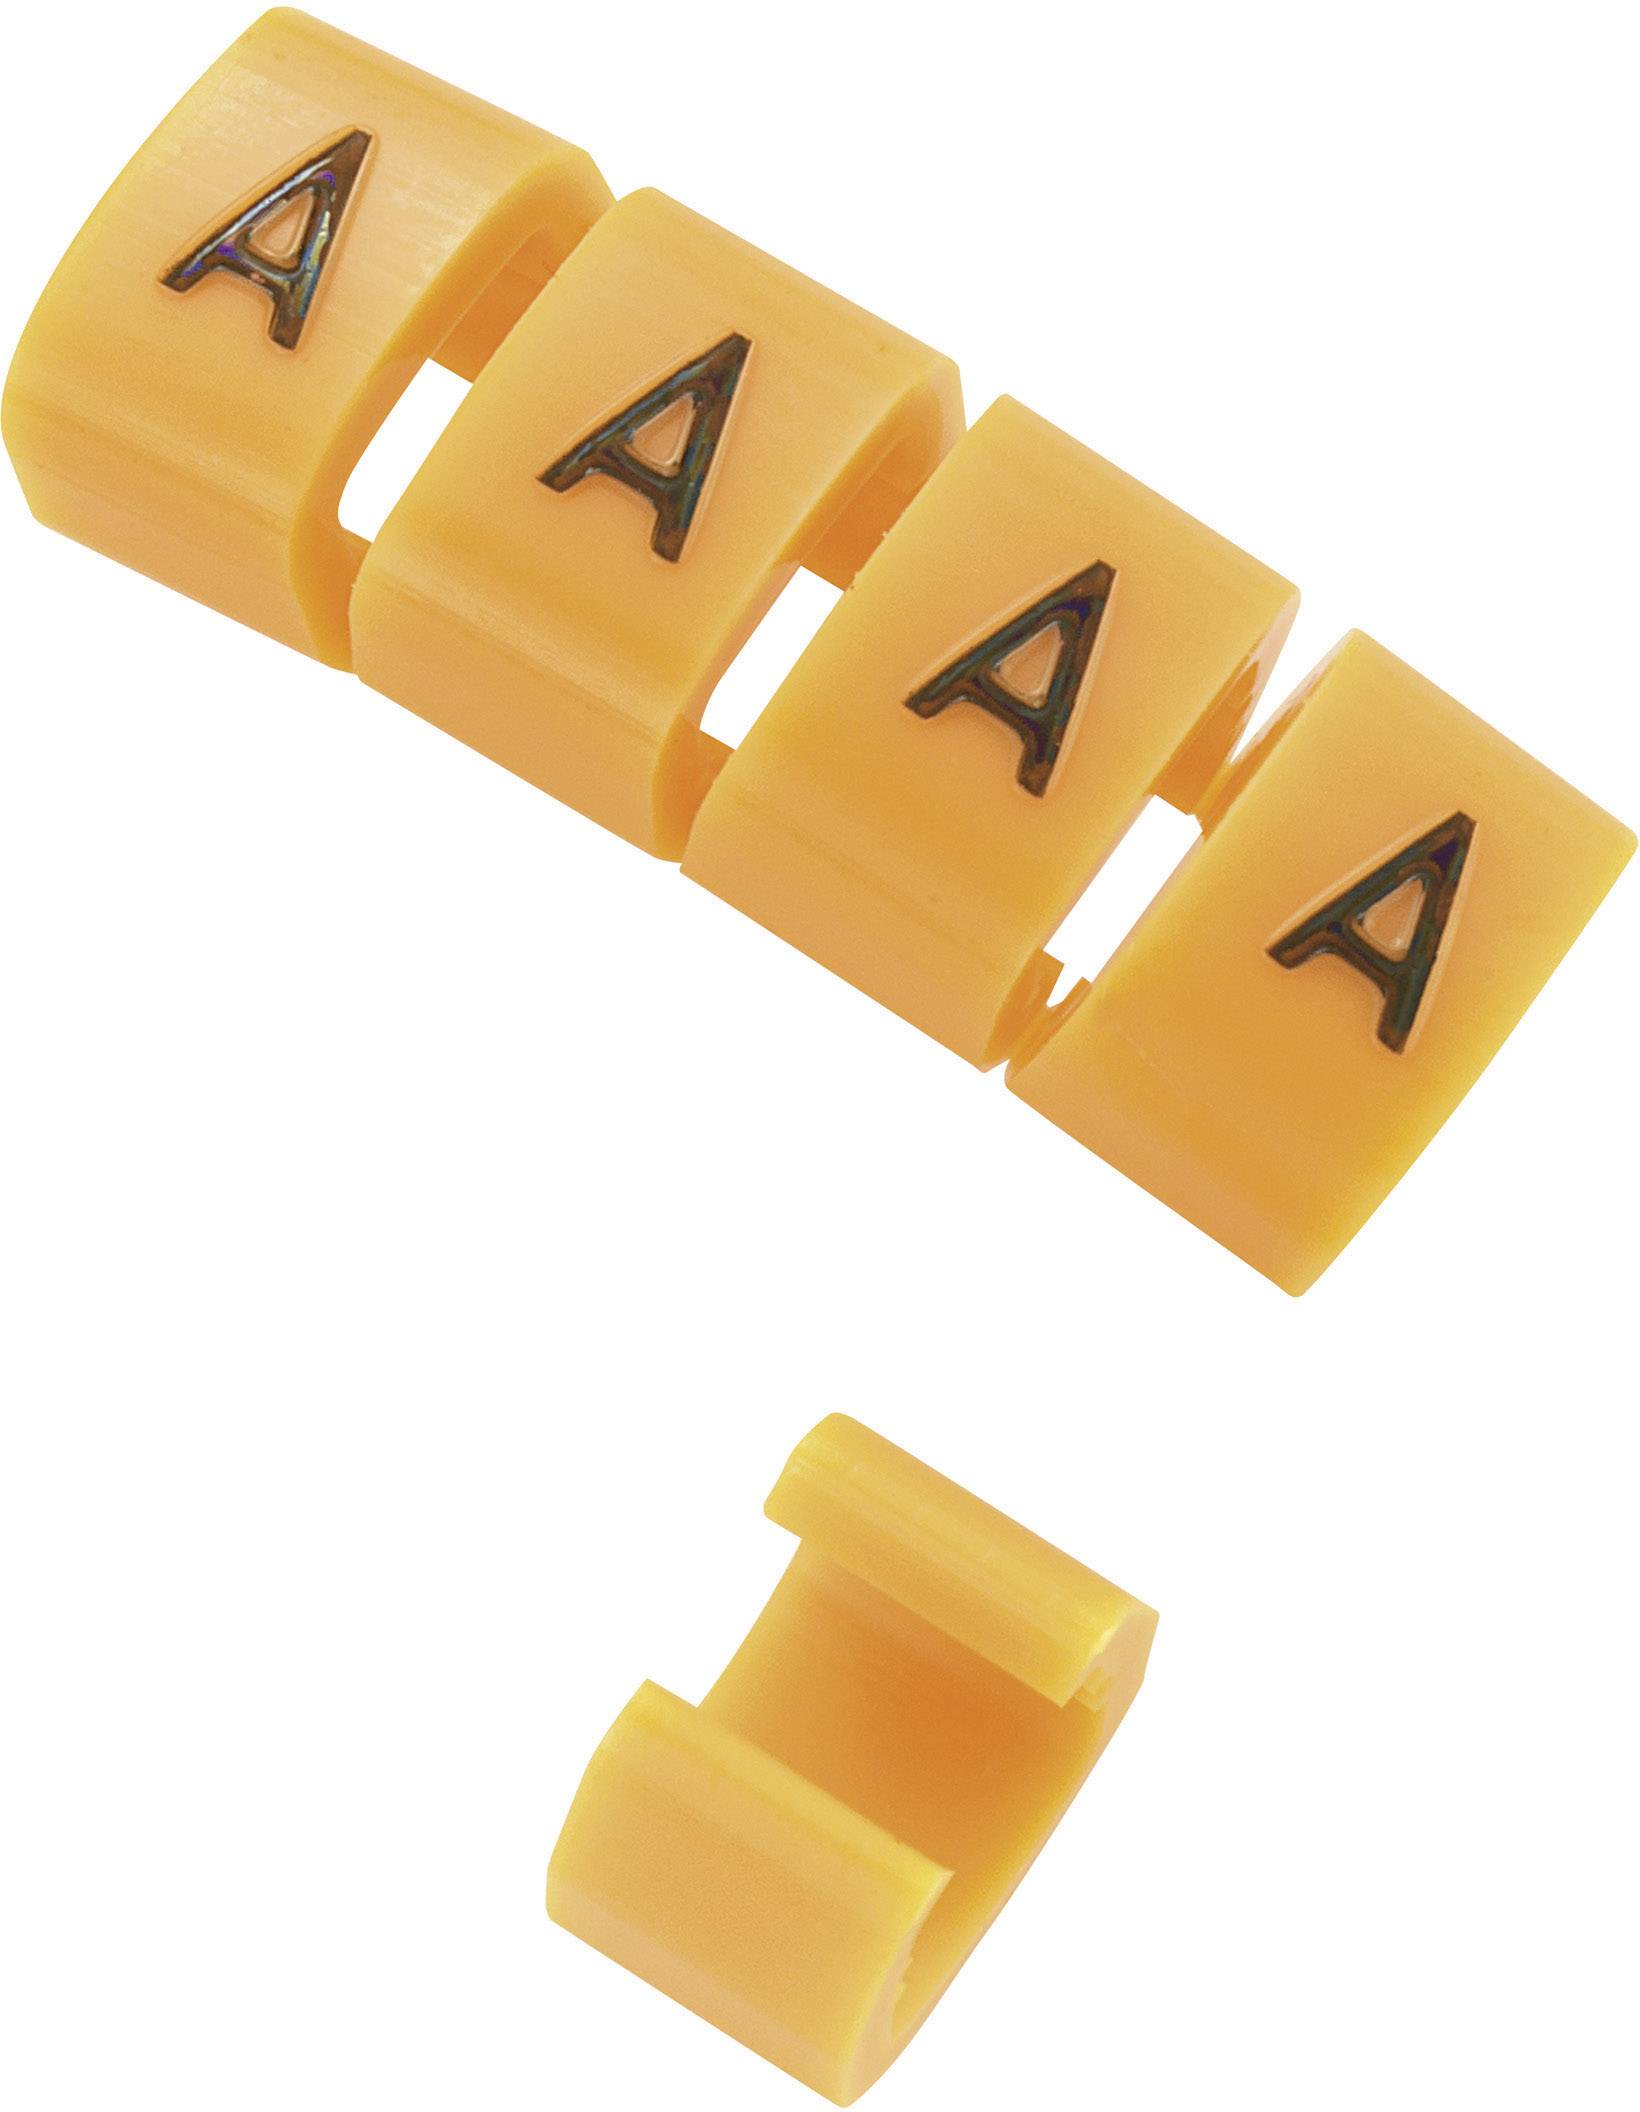 Označovacie objímka na káble KSS MB1/H, oranžová, 10 ks